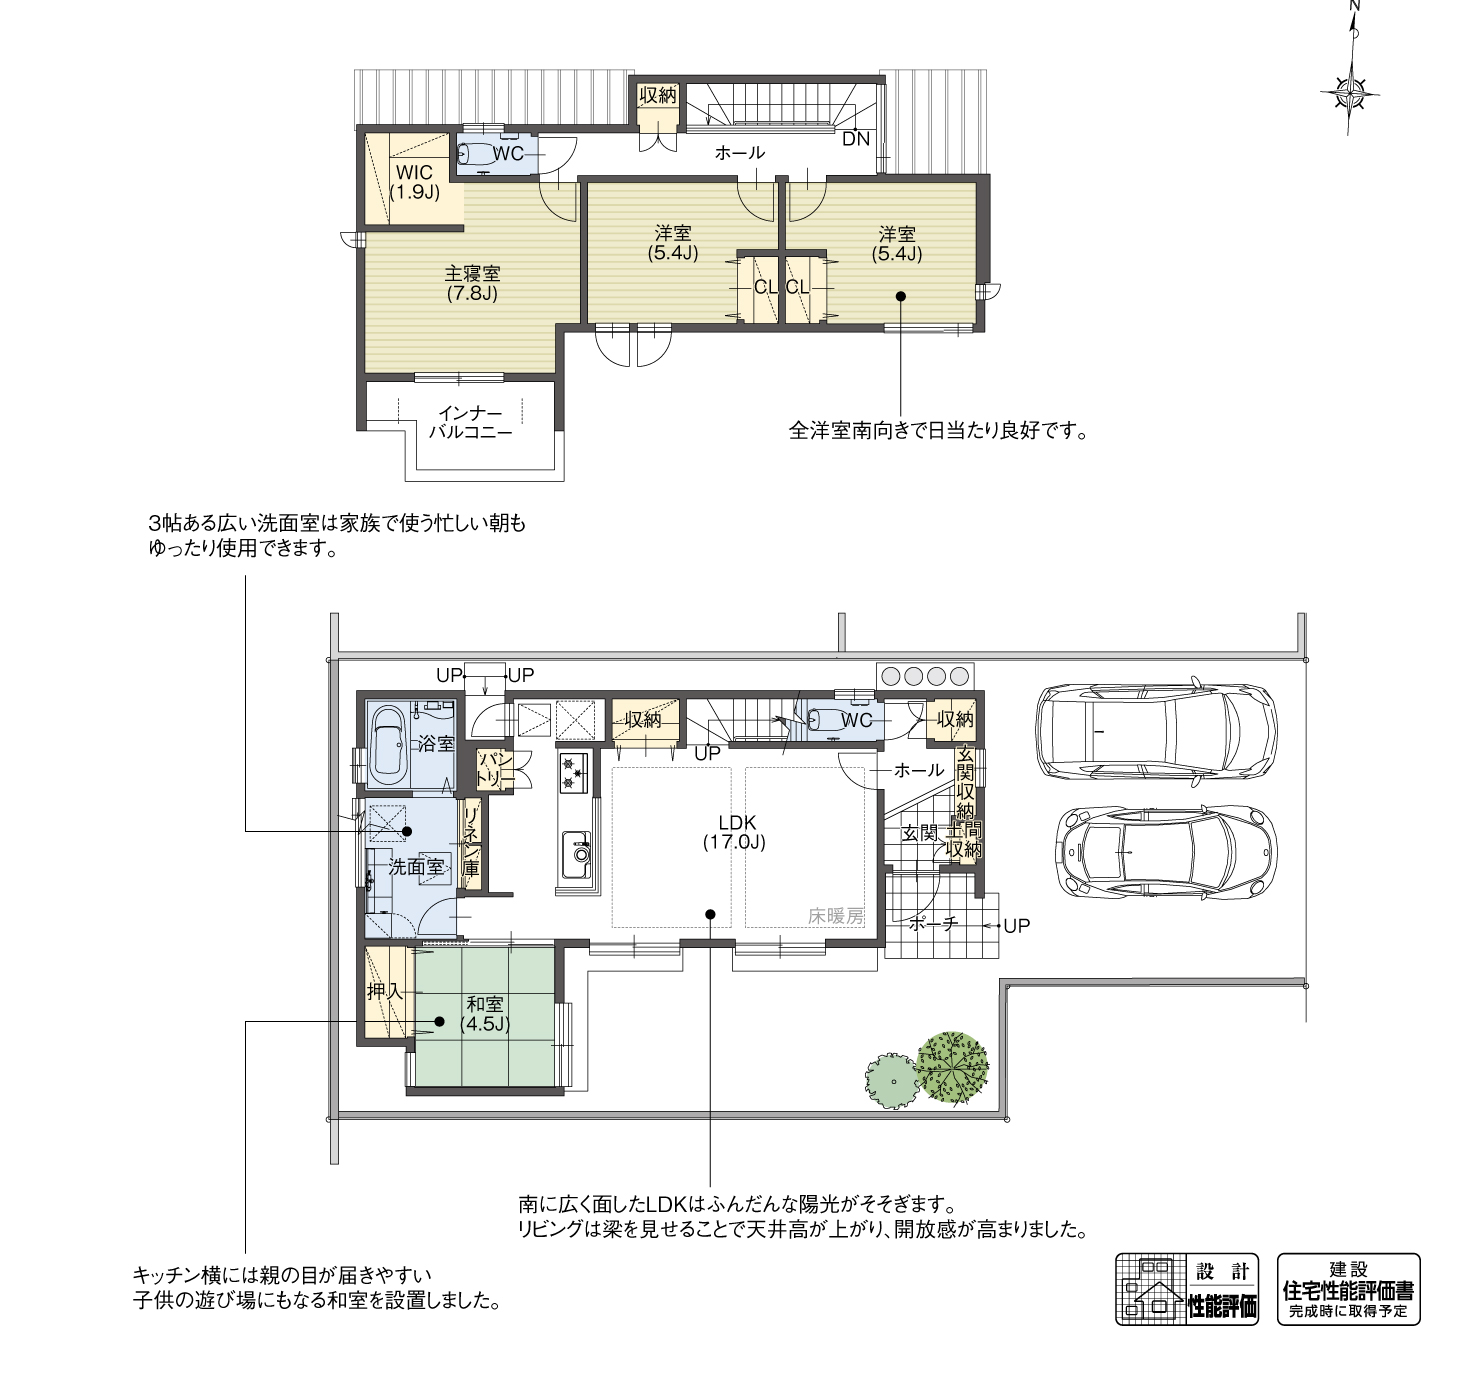 5_間取図_plan3_豊田市桝塚西町